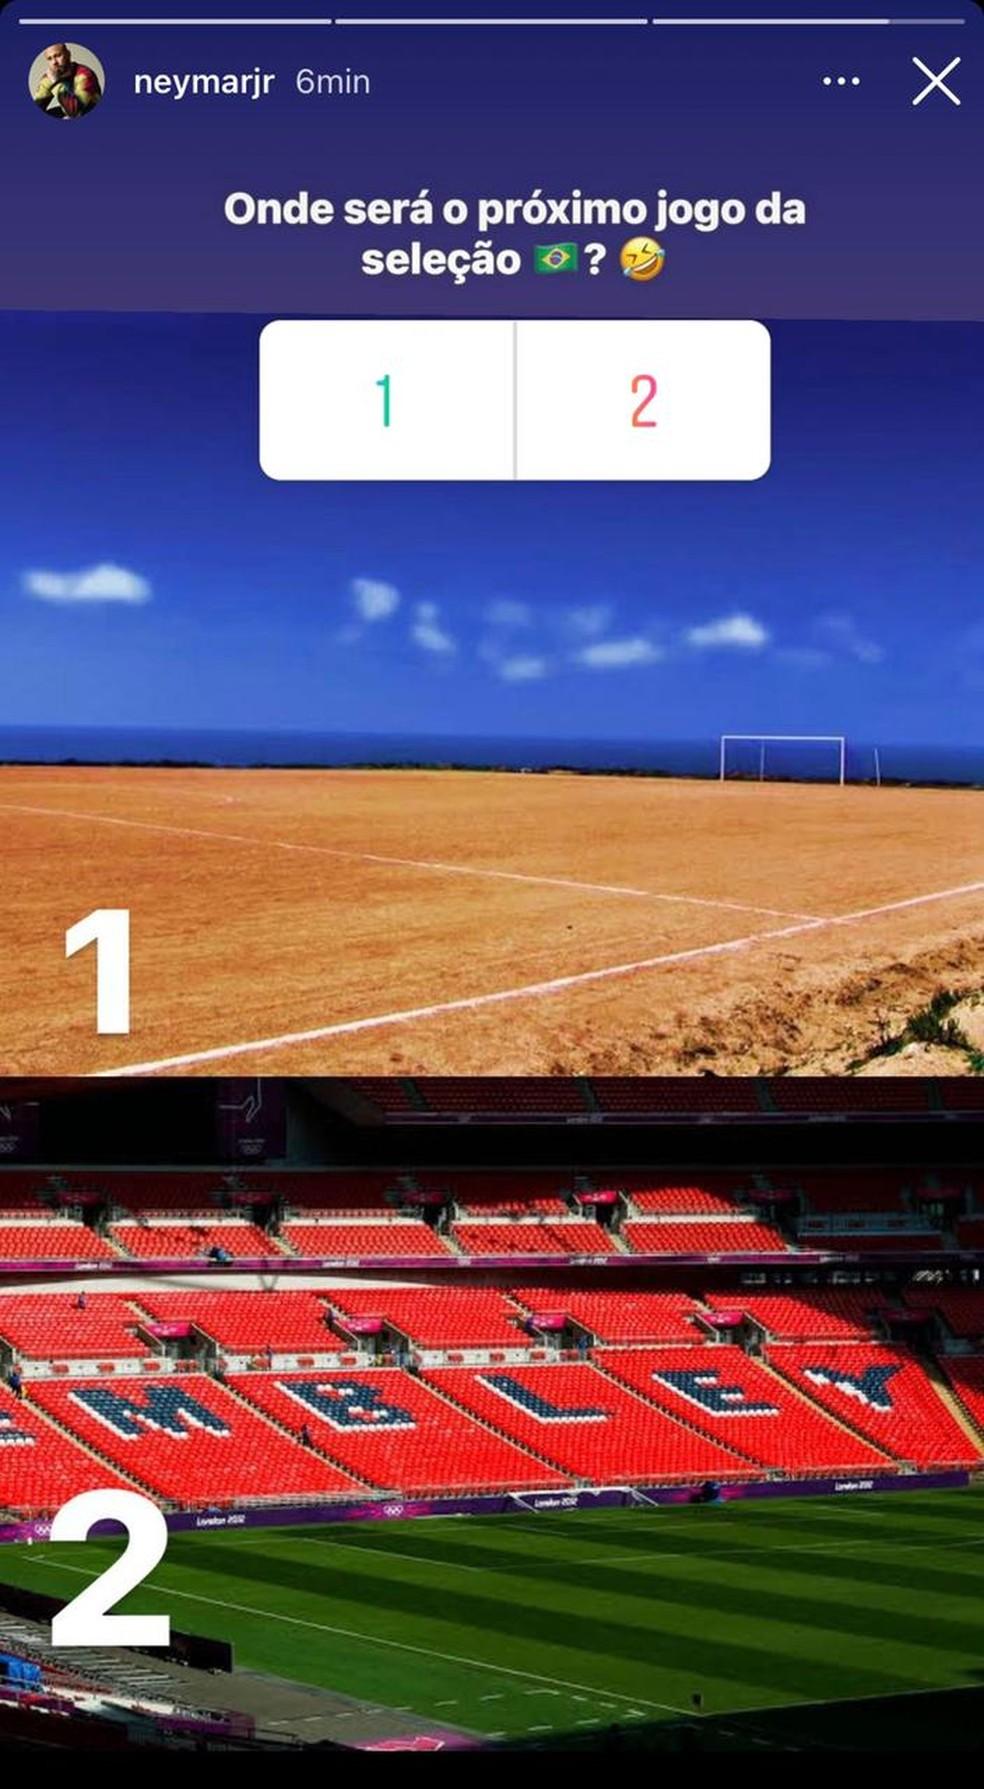 Publicação de Neymar no Instagram ironizando gramado em jogo da Seleção